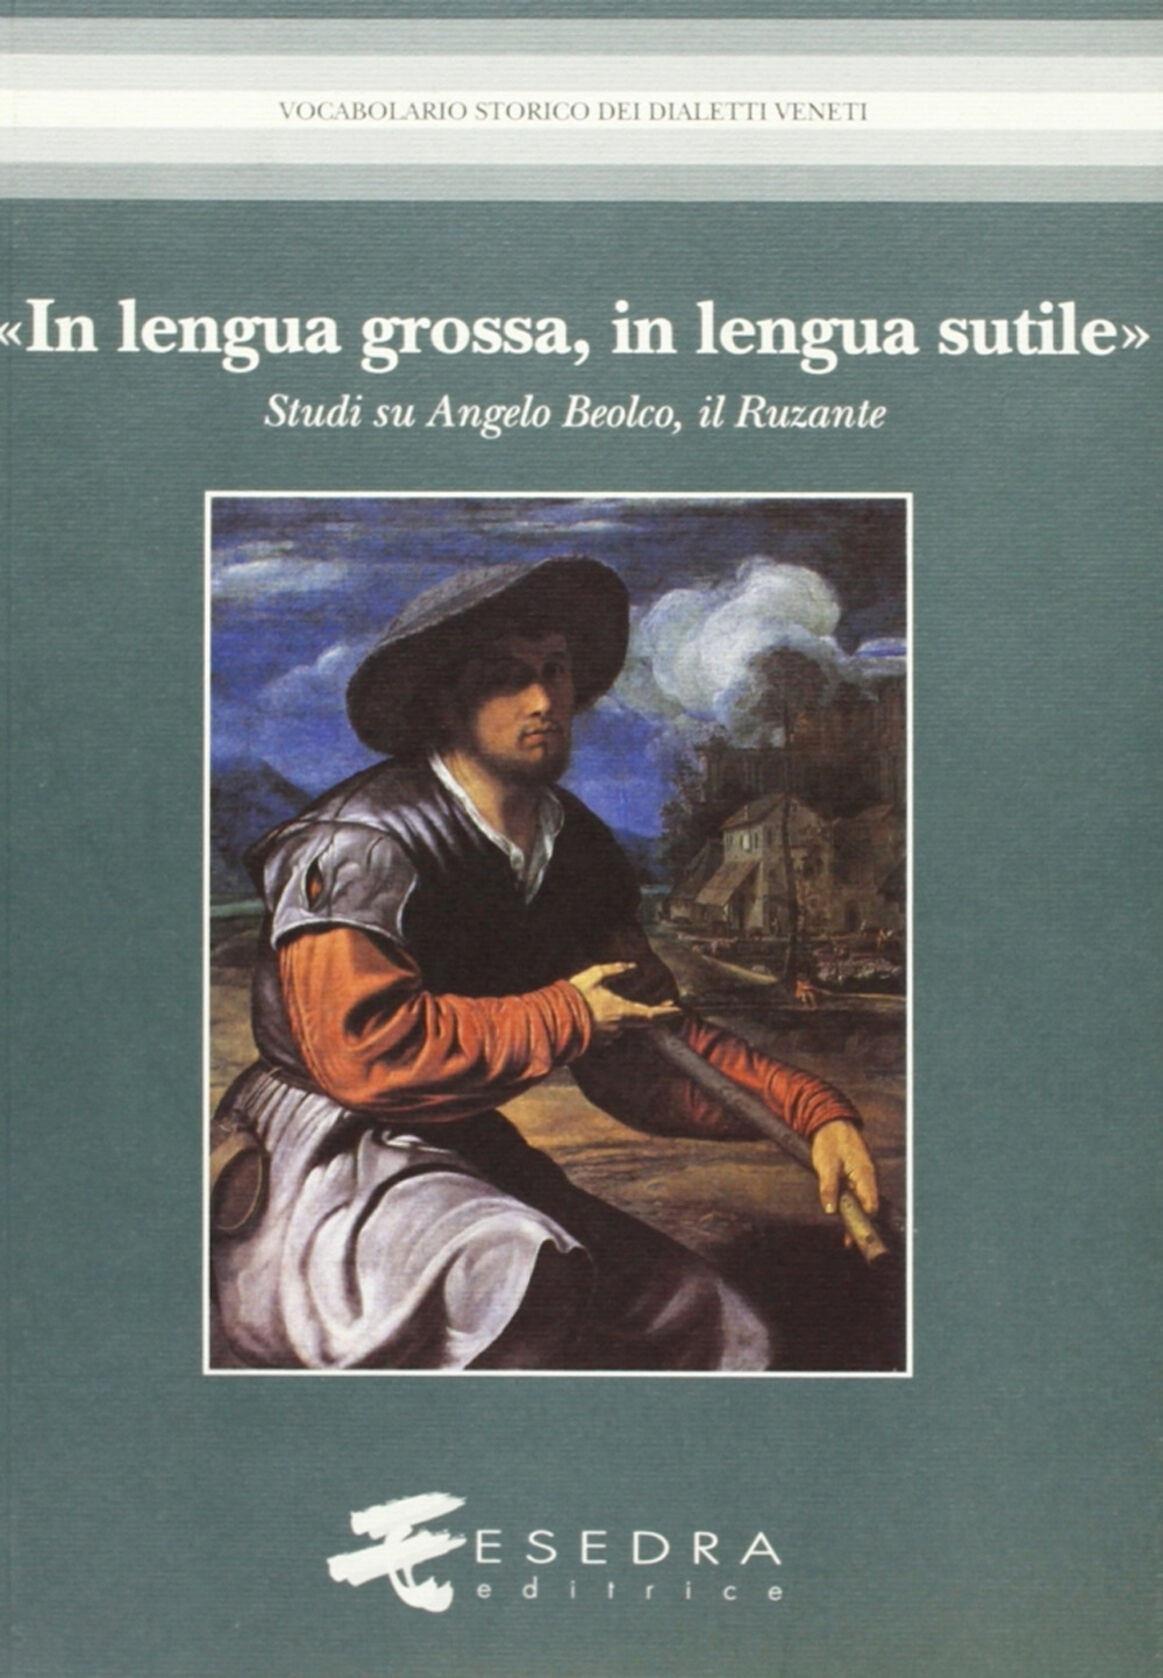 «In lengua grossa, in lengua sutile». Studi su Angelo Beolco, il Ruzante